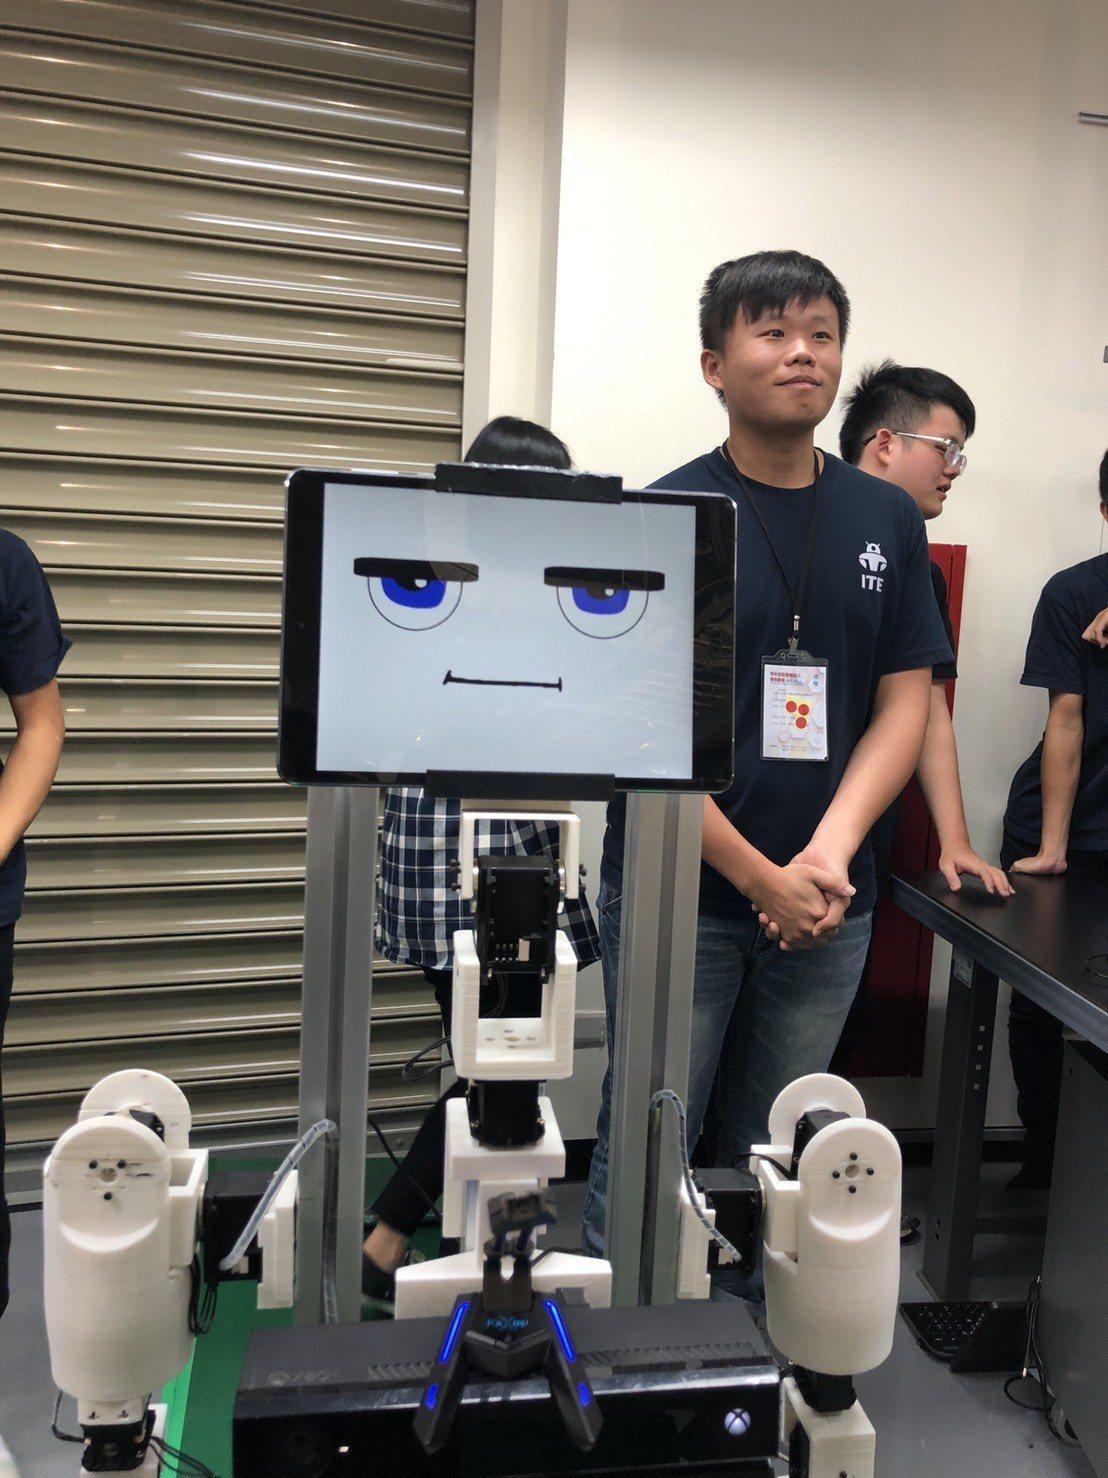 銘傳大學團隊設計的陪伴機器人「小廣」,用可愛的大眼睛、親切打招呼擄獲民眾的心。圖...